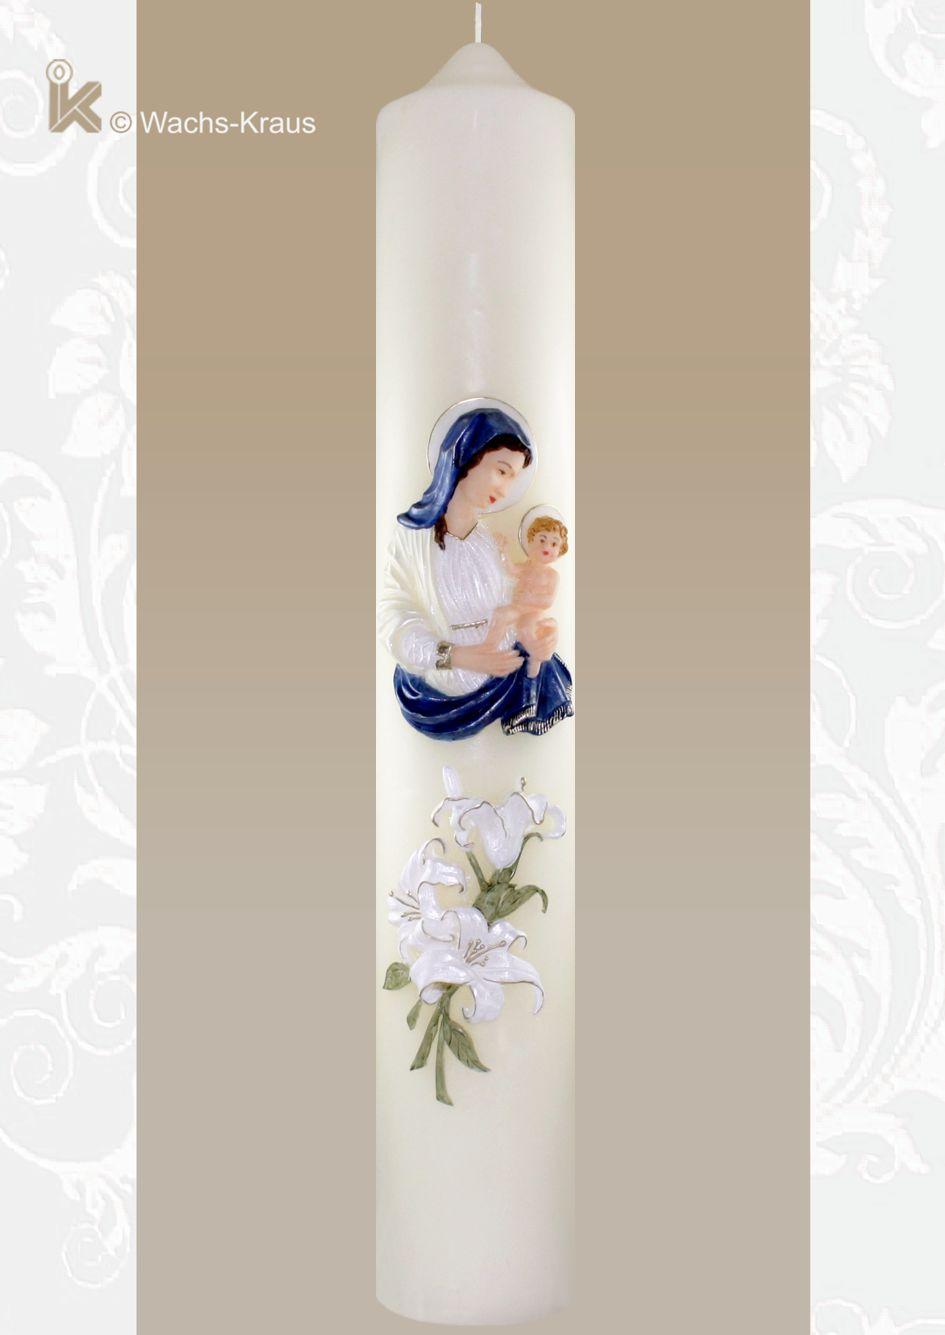 Stattliche Marienkerze mit 1/2 Meter Höhe und Madonna aus Wachs